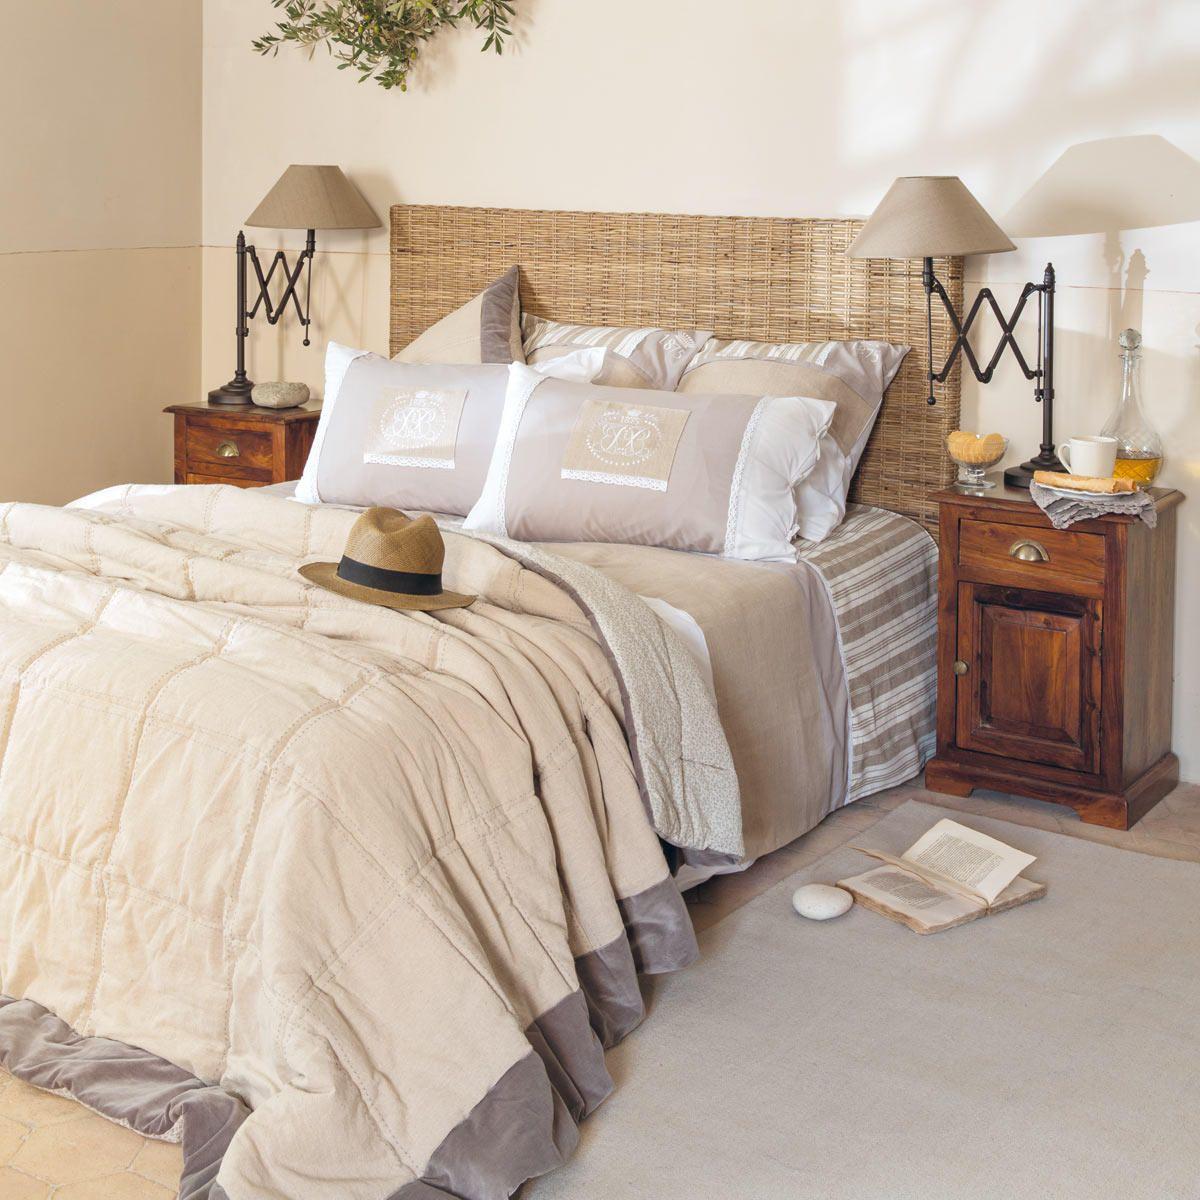 Cabecero De Cama De Rat N Trenzado Key West Combinado Con Madera  ~ Cabeceros Para Camas De Matrimonio